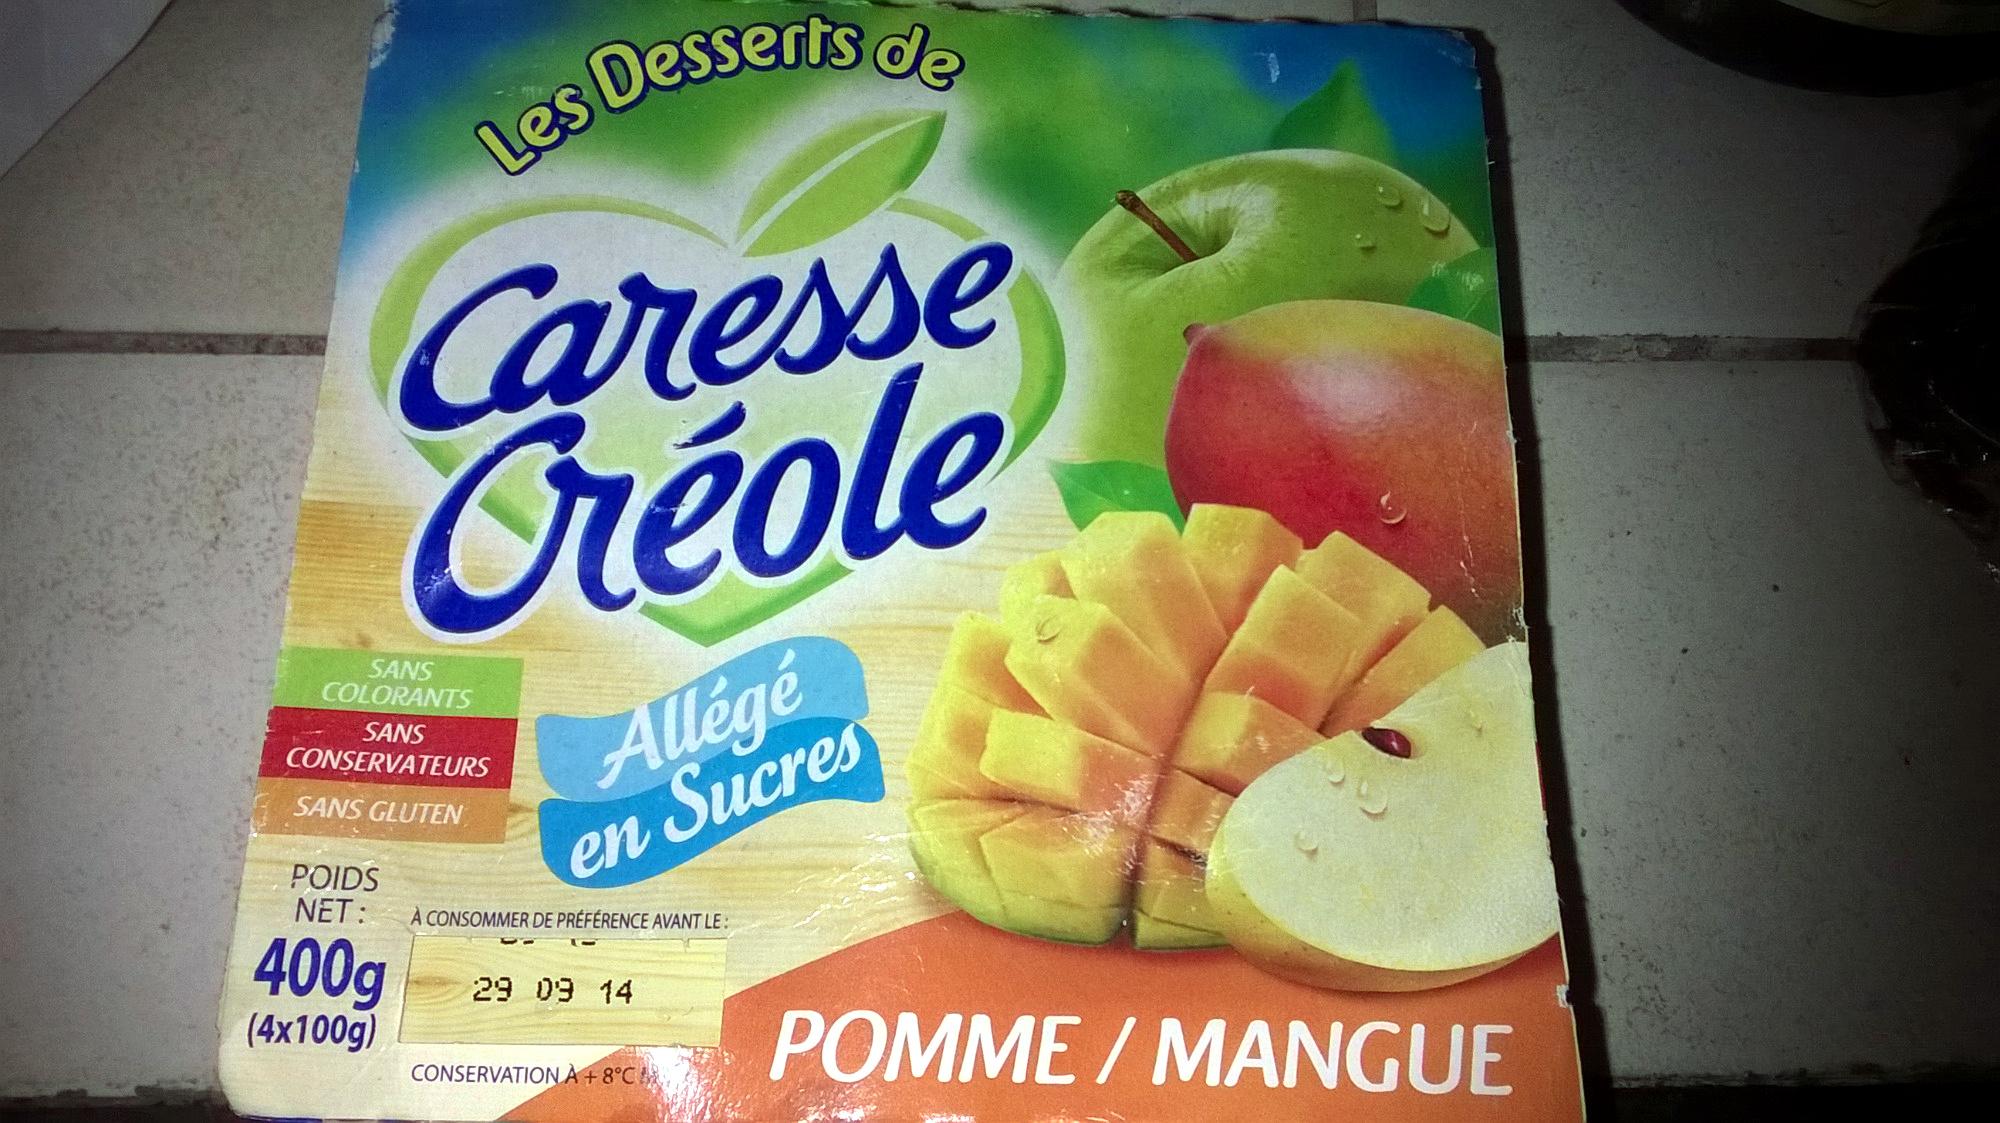 Caresse créole pomme/mangue allégé en sucres - Product - fr